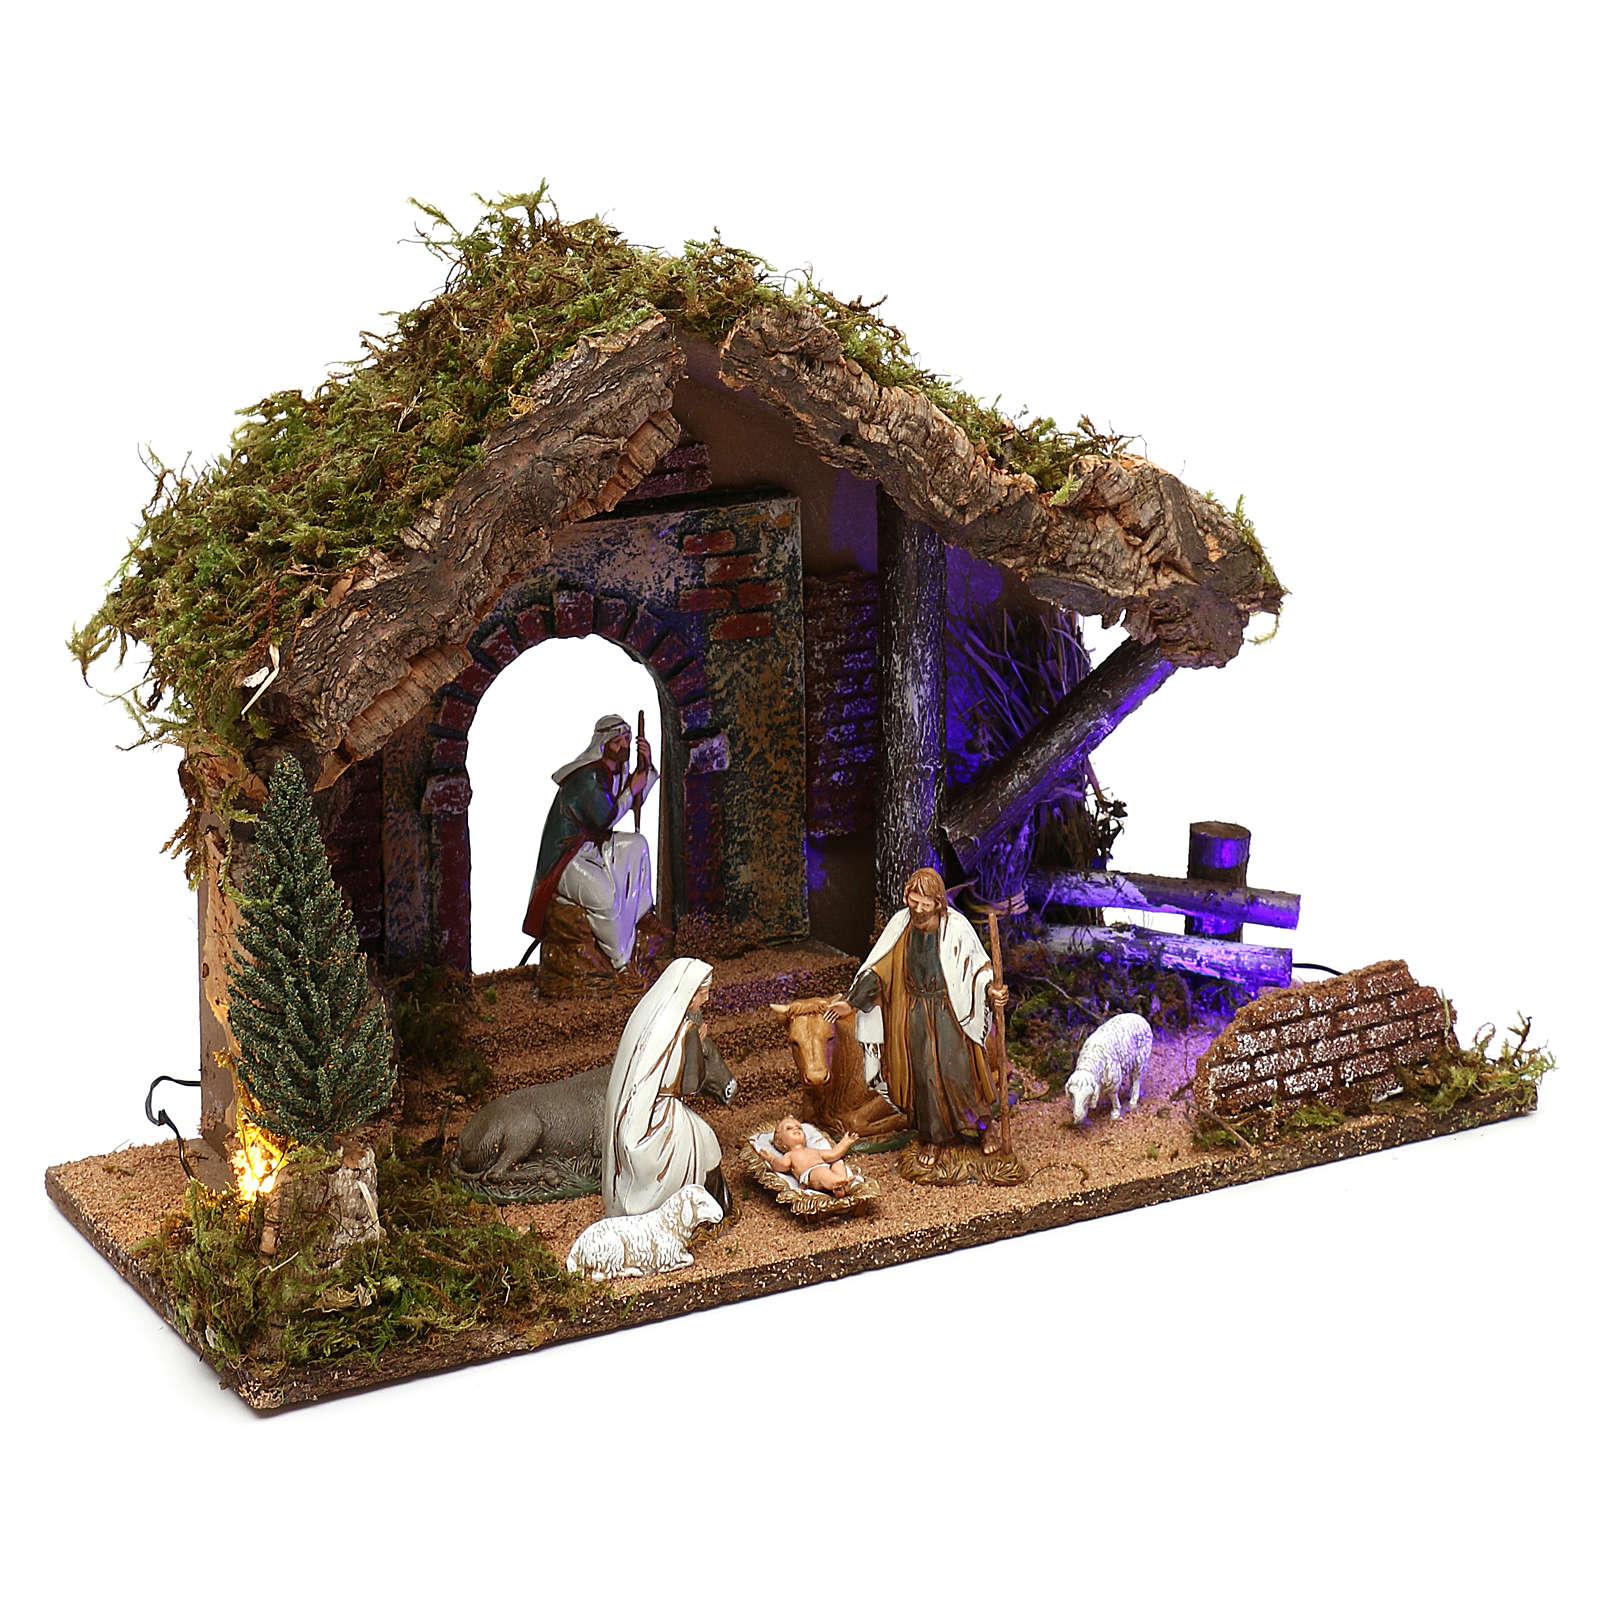 Cabaña con puerta escena nocturna belén 10 cm Moranduzzo 4